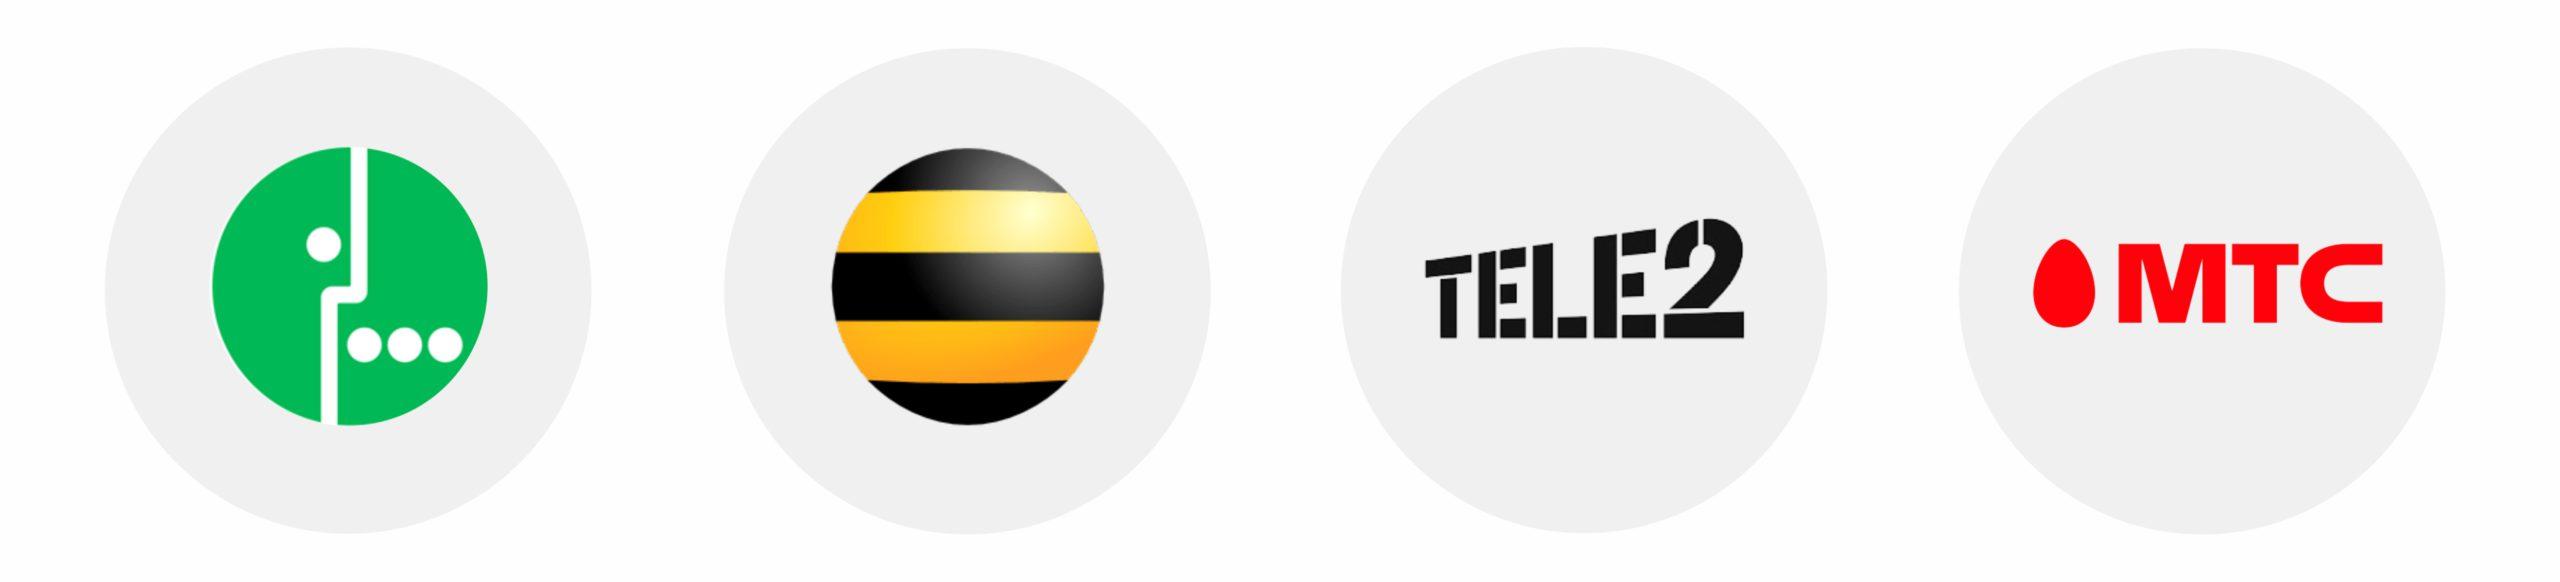 Логотипы 4 scaled - ПОЖЕРТВОВАНИЕ С ПОМОЩЬЮ МОБИЛЬНОГО ТЕЛЕФОНА